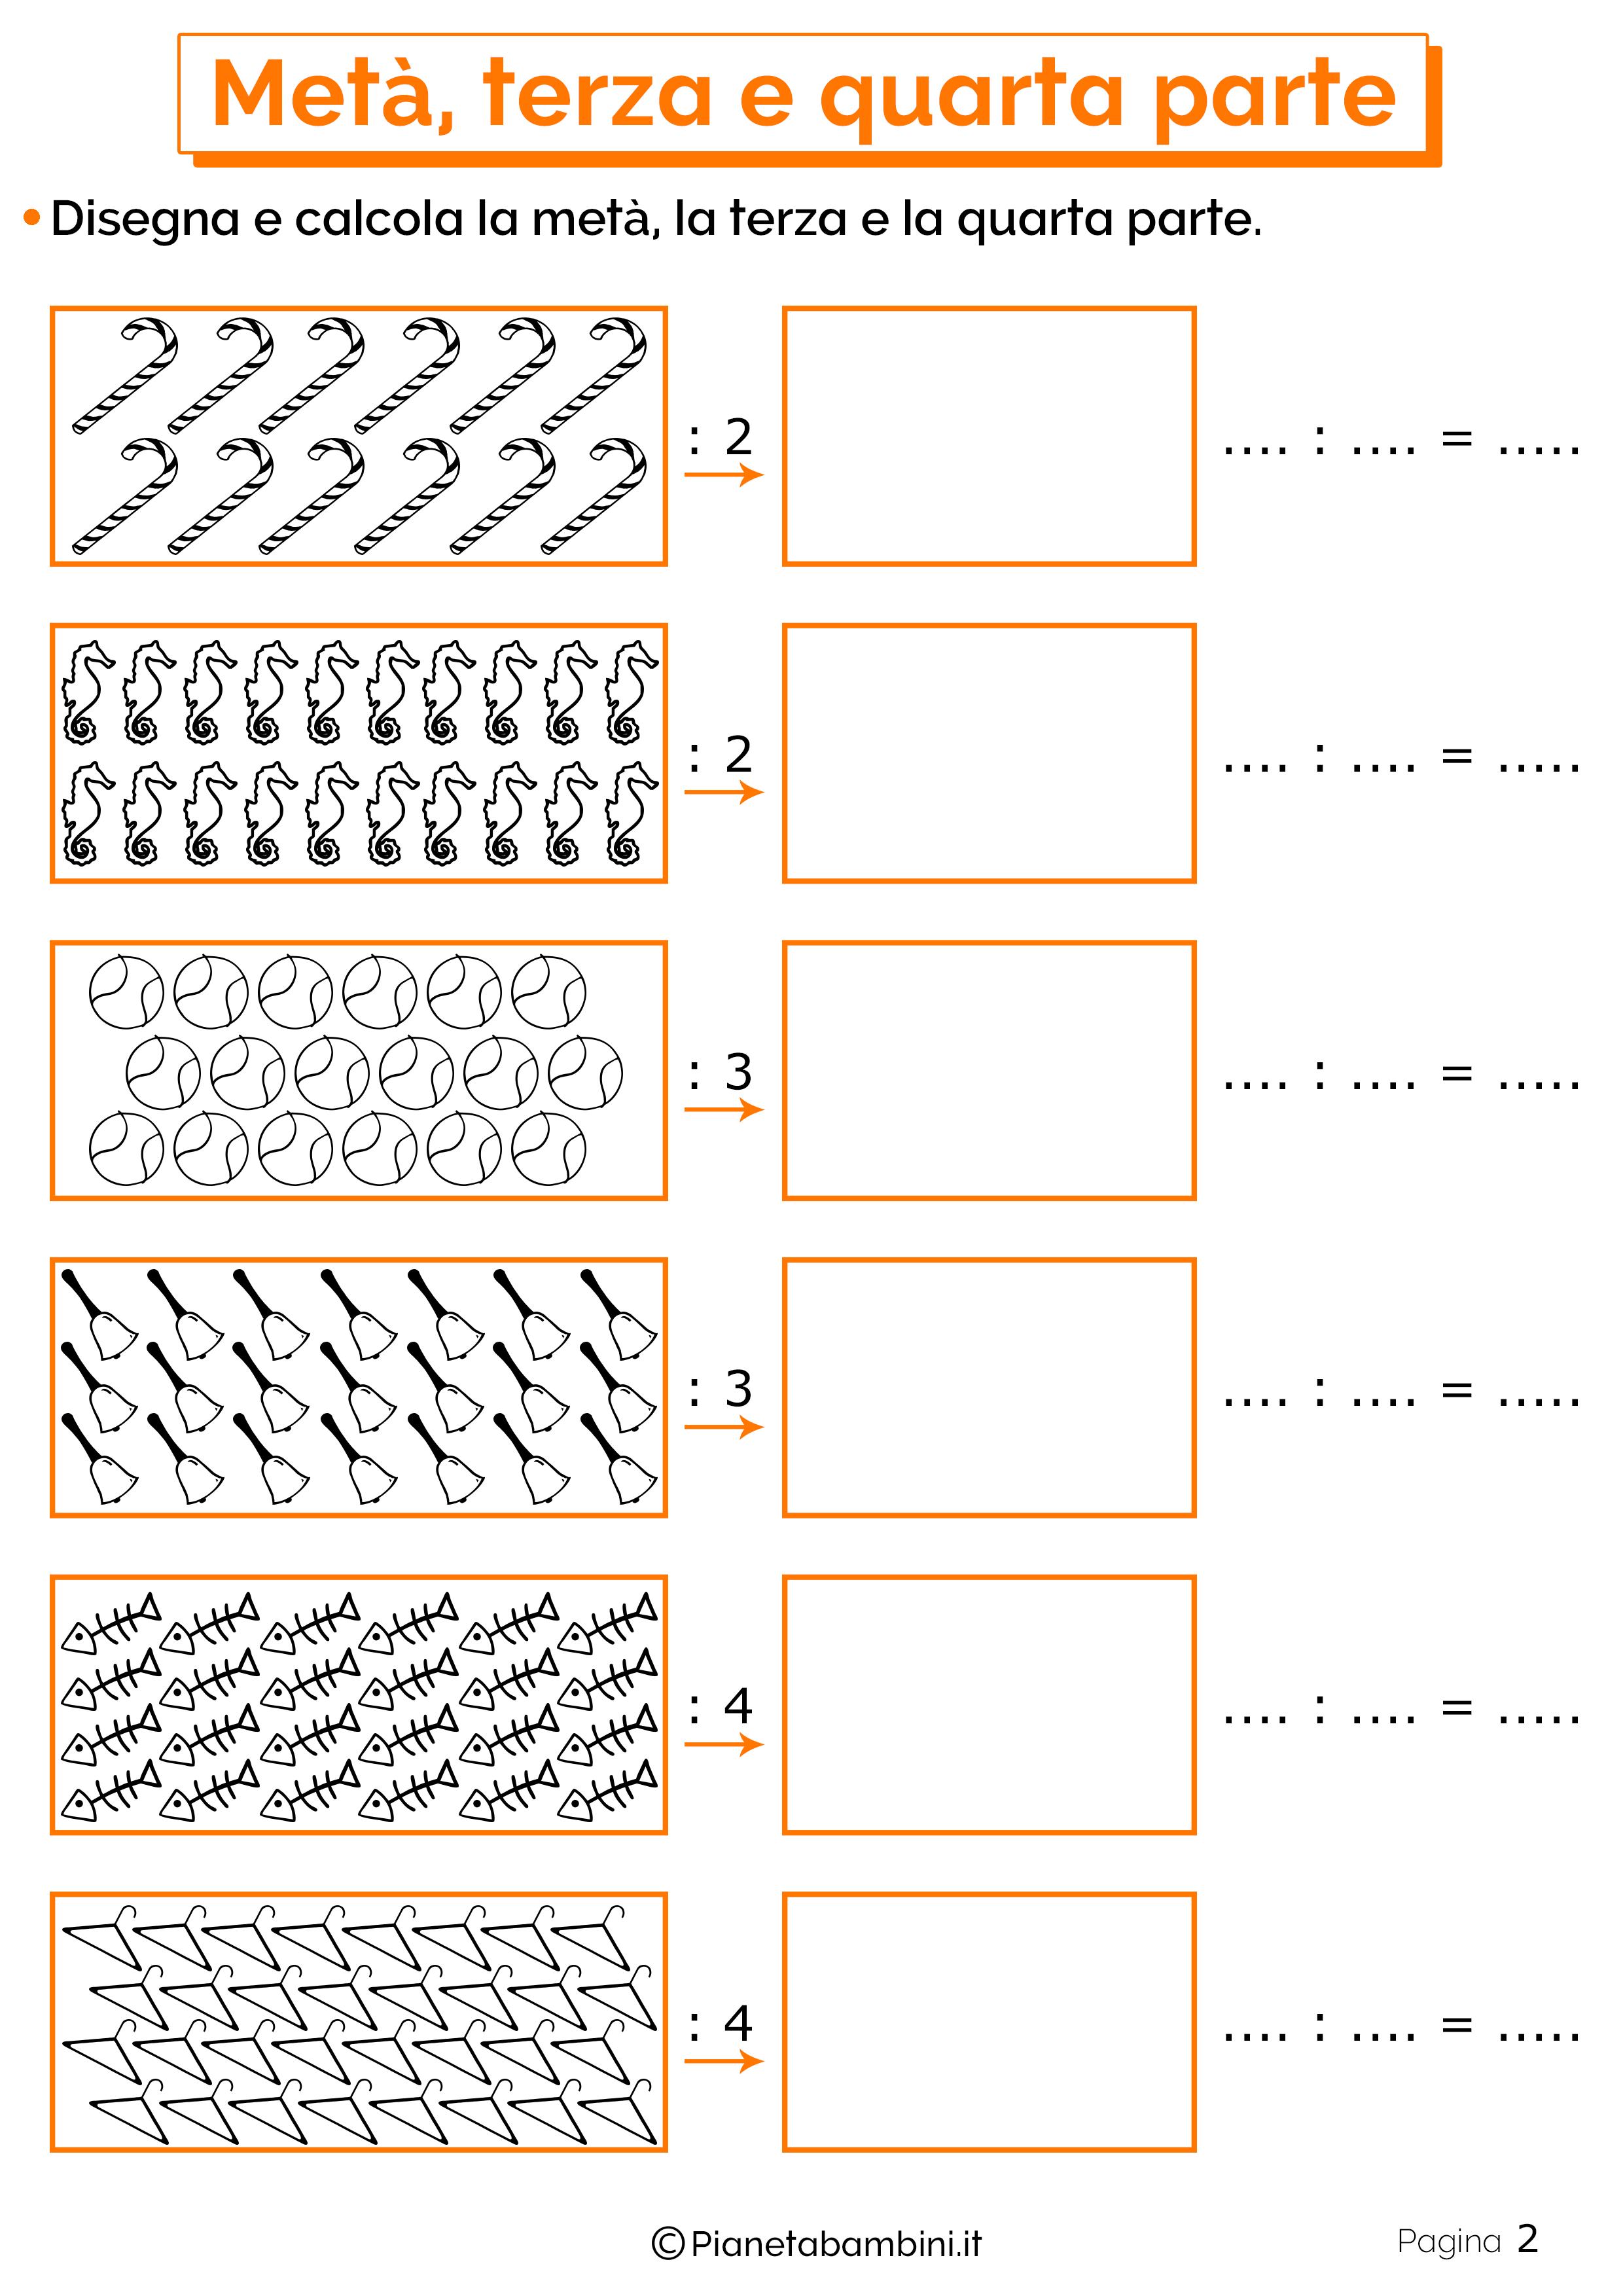 Schede didattichei su metà, terza e quarta parte 2